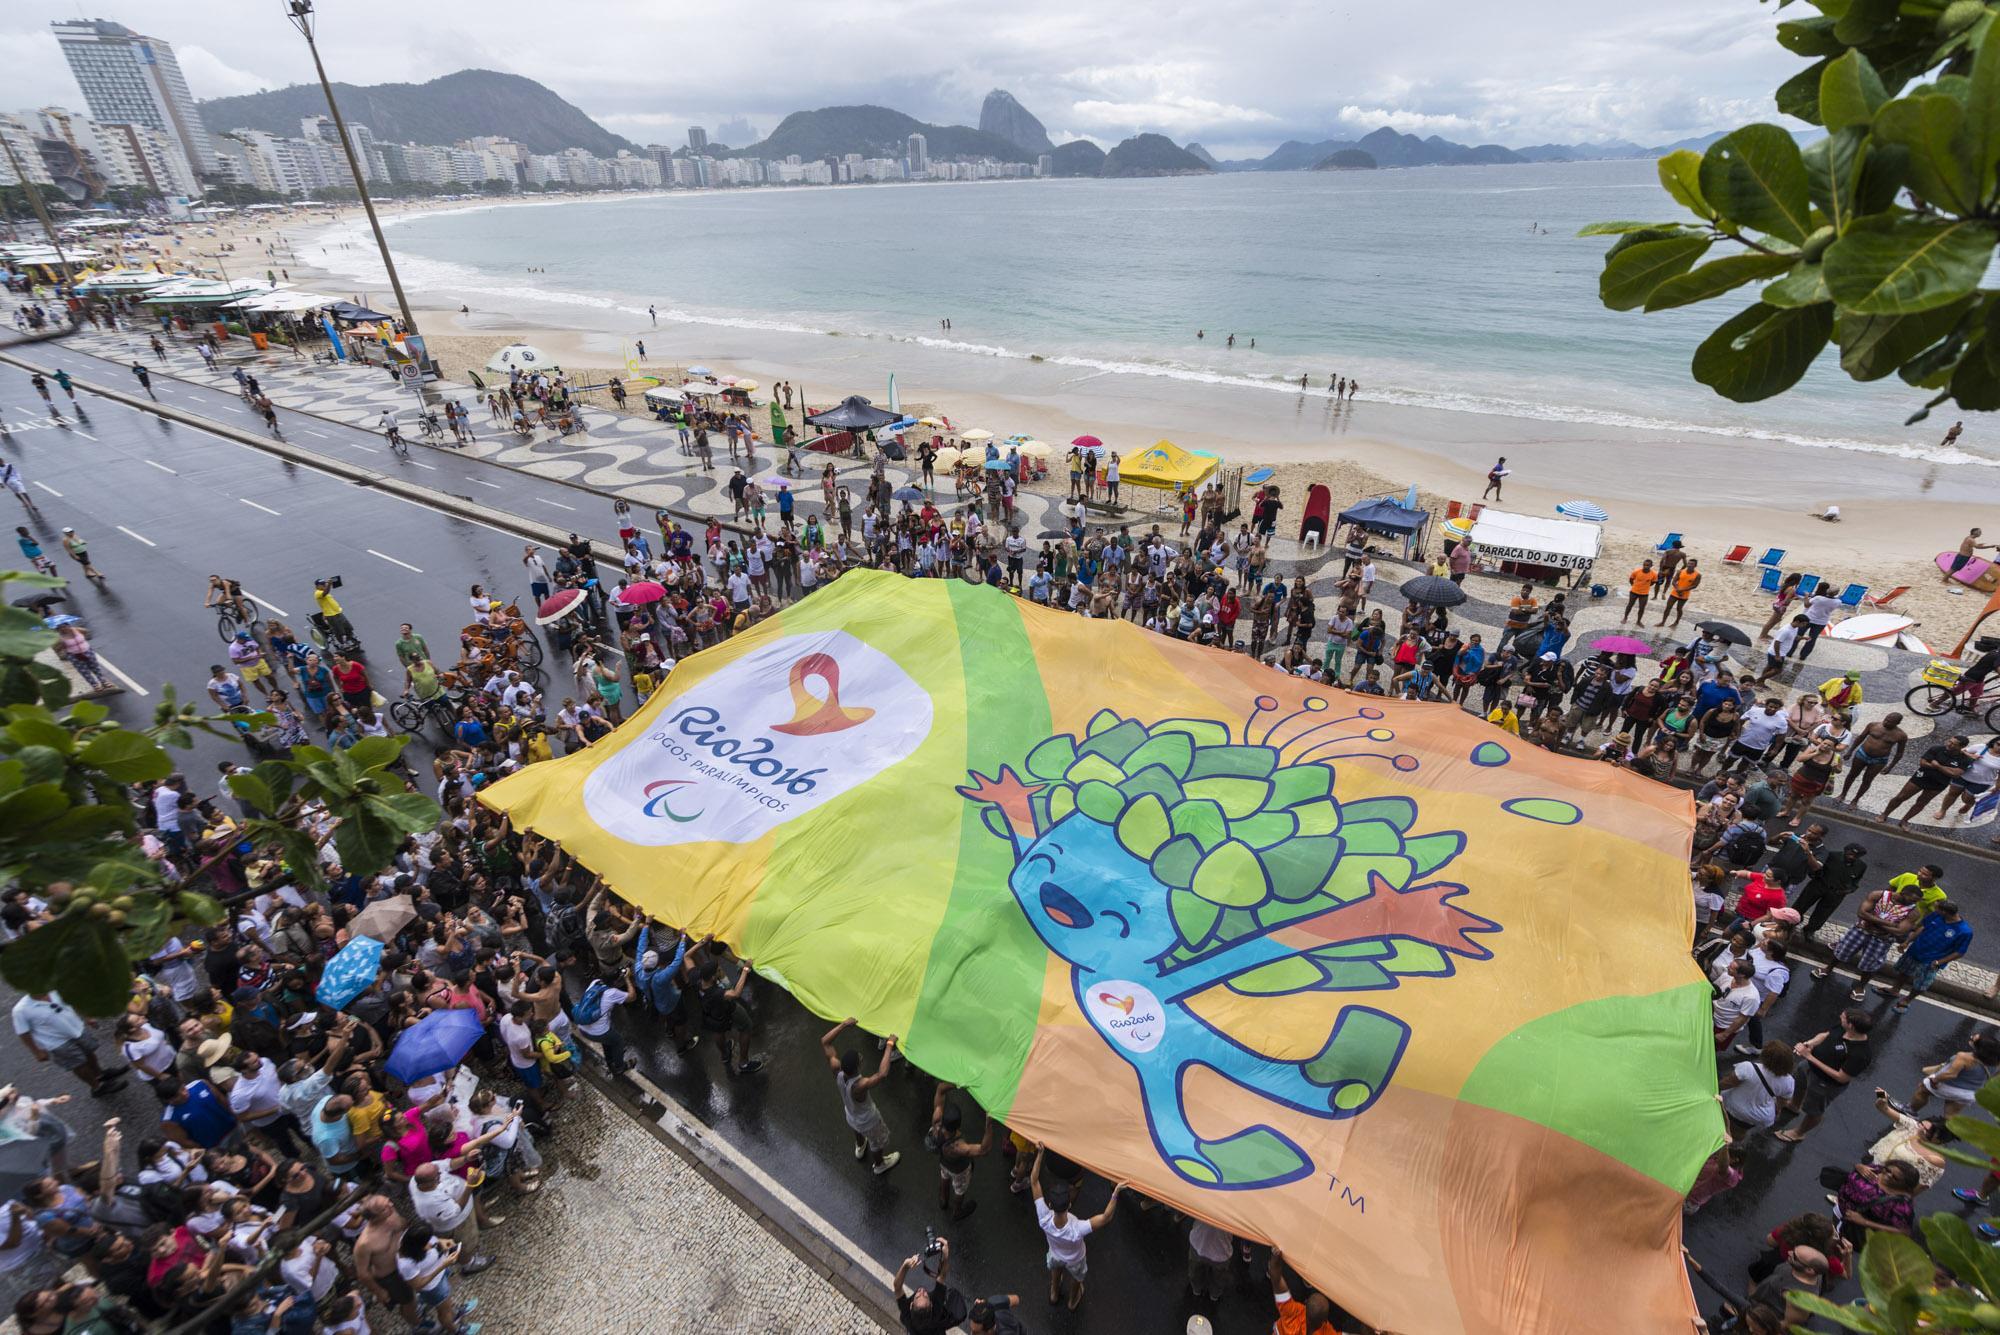 BRAZIL RIO DE JANEIRO -Lapresse